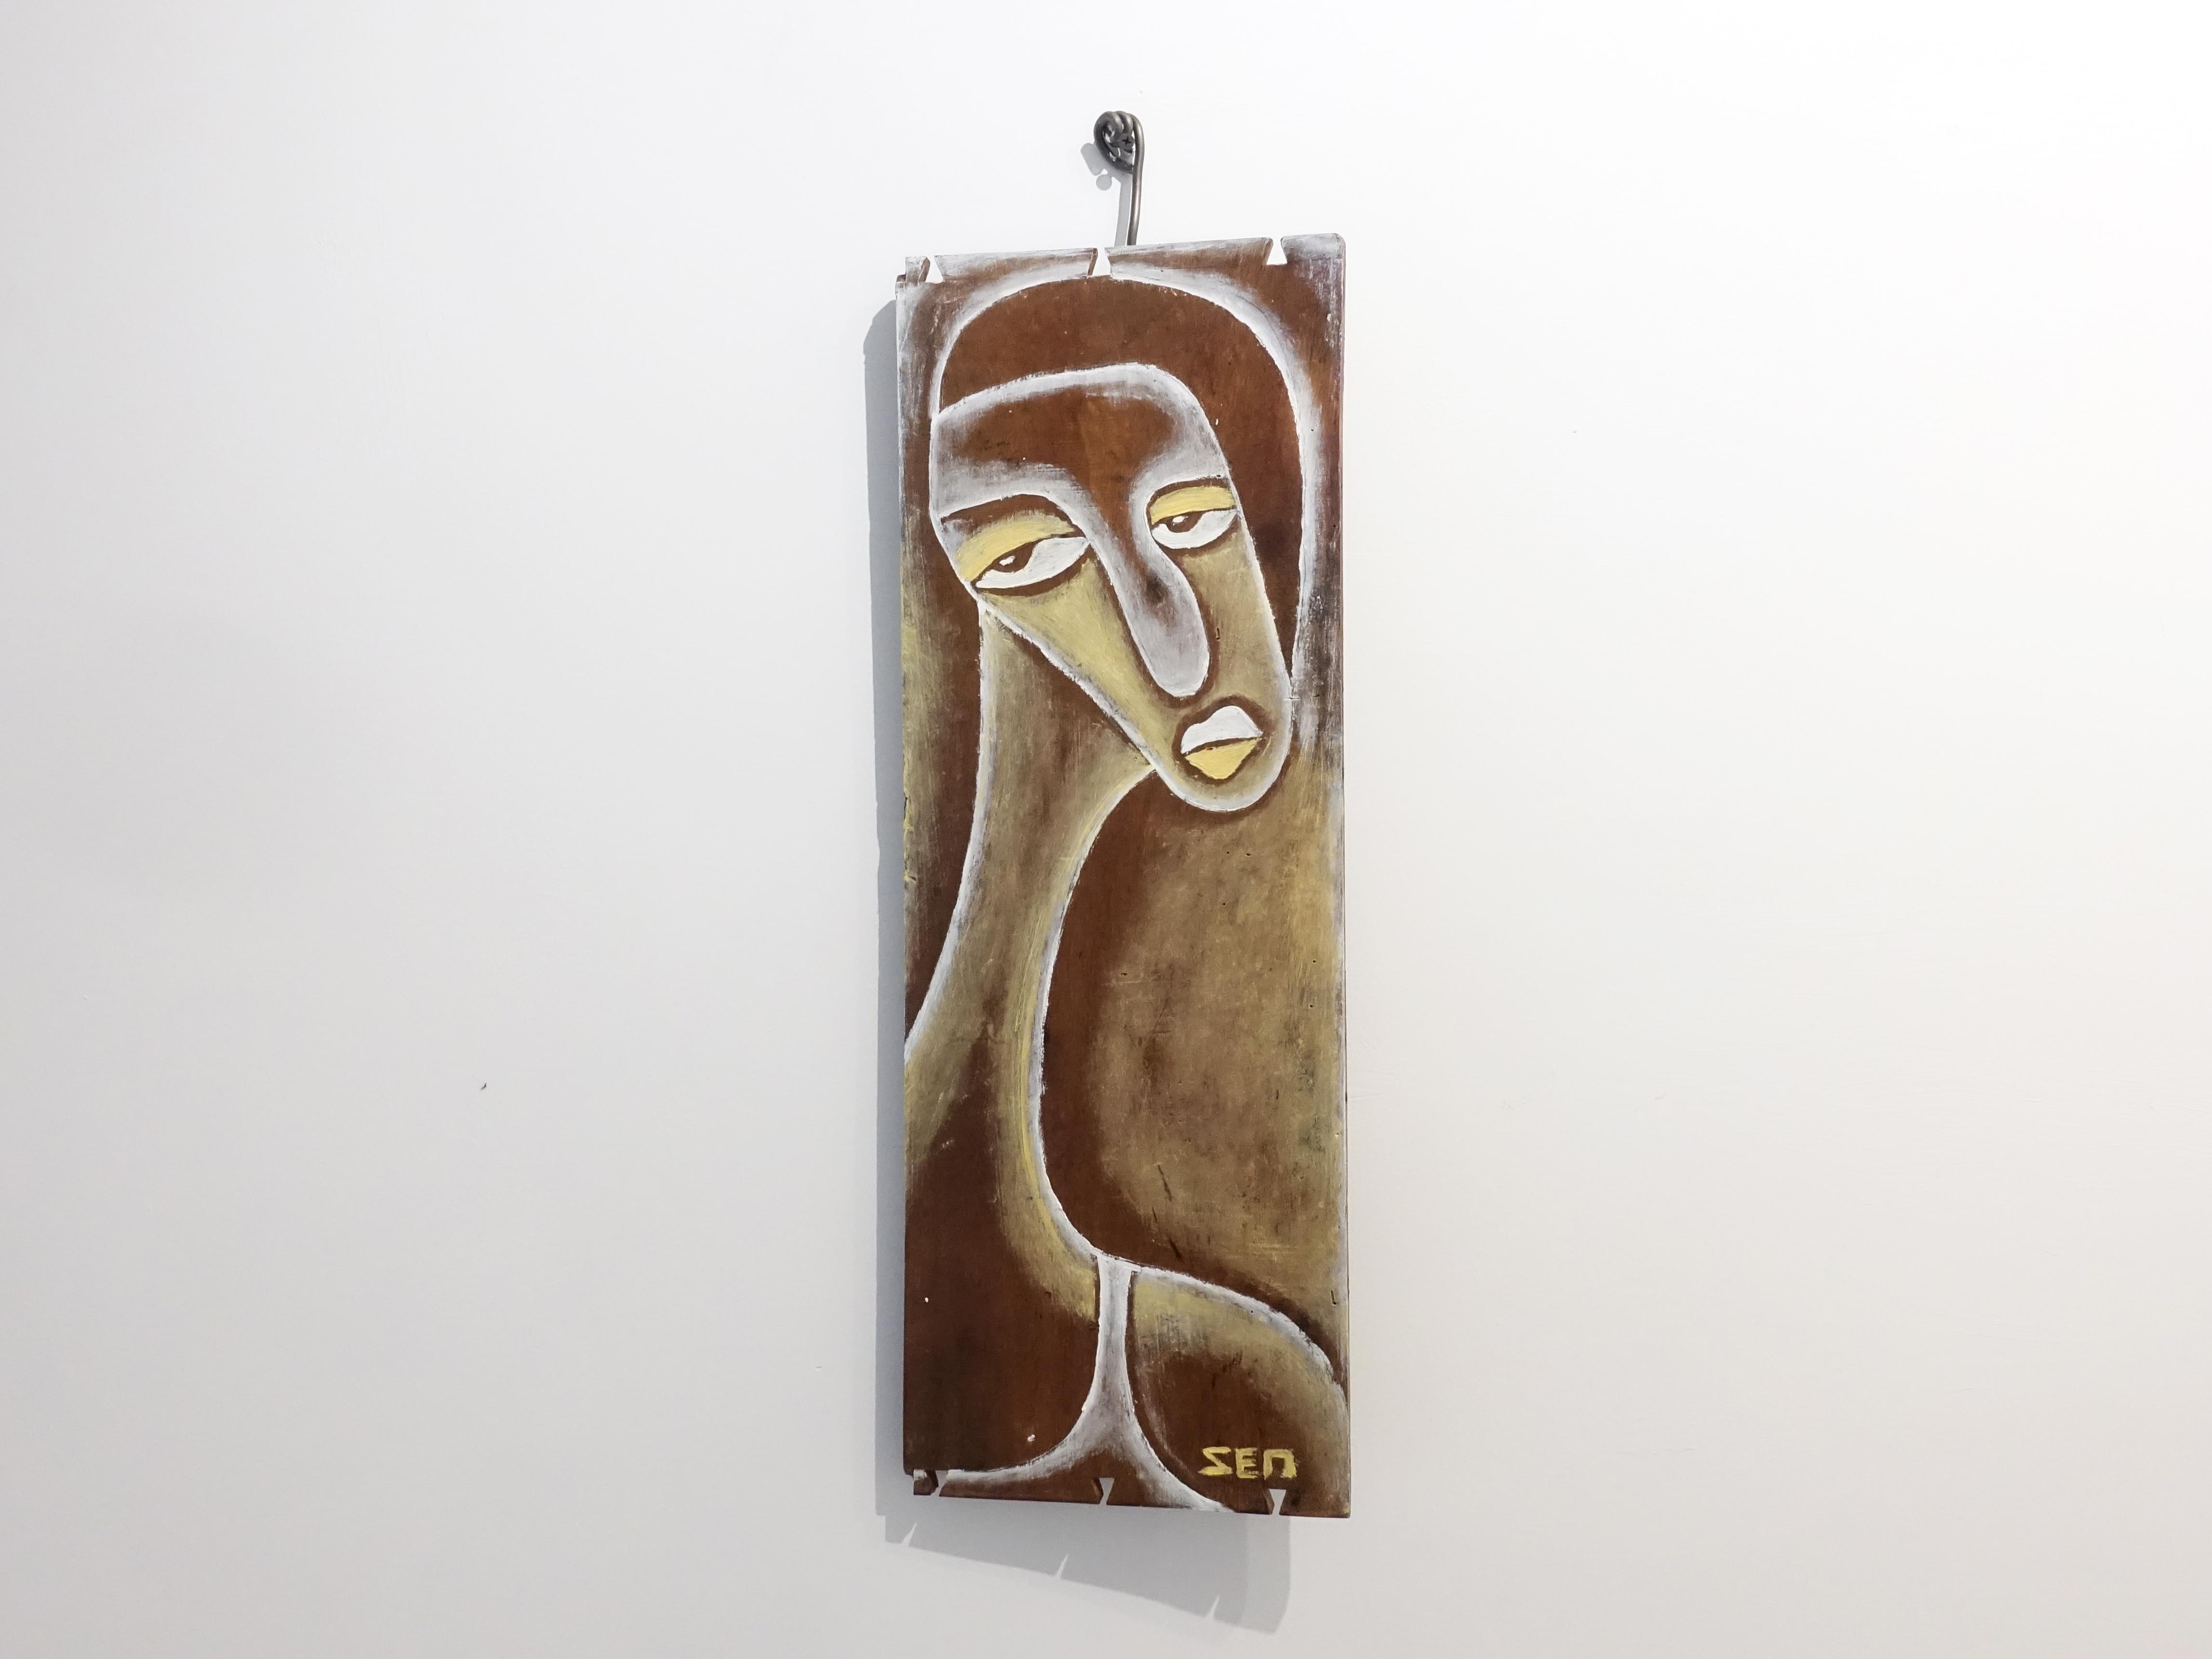 楊樹森,《茱蒂》,62 x 22 x 1 cm,漂木油彩,2019。